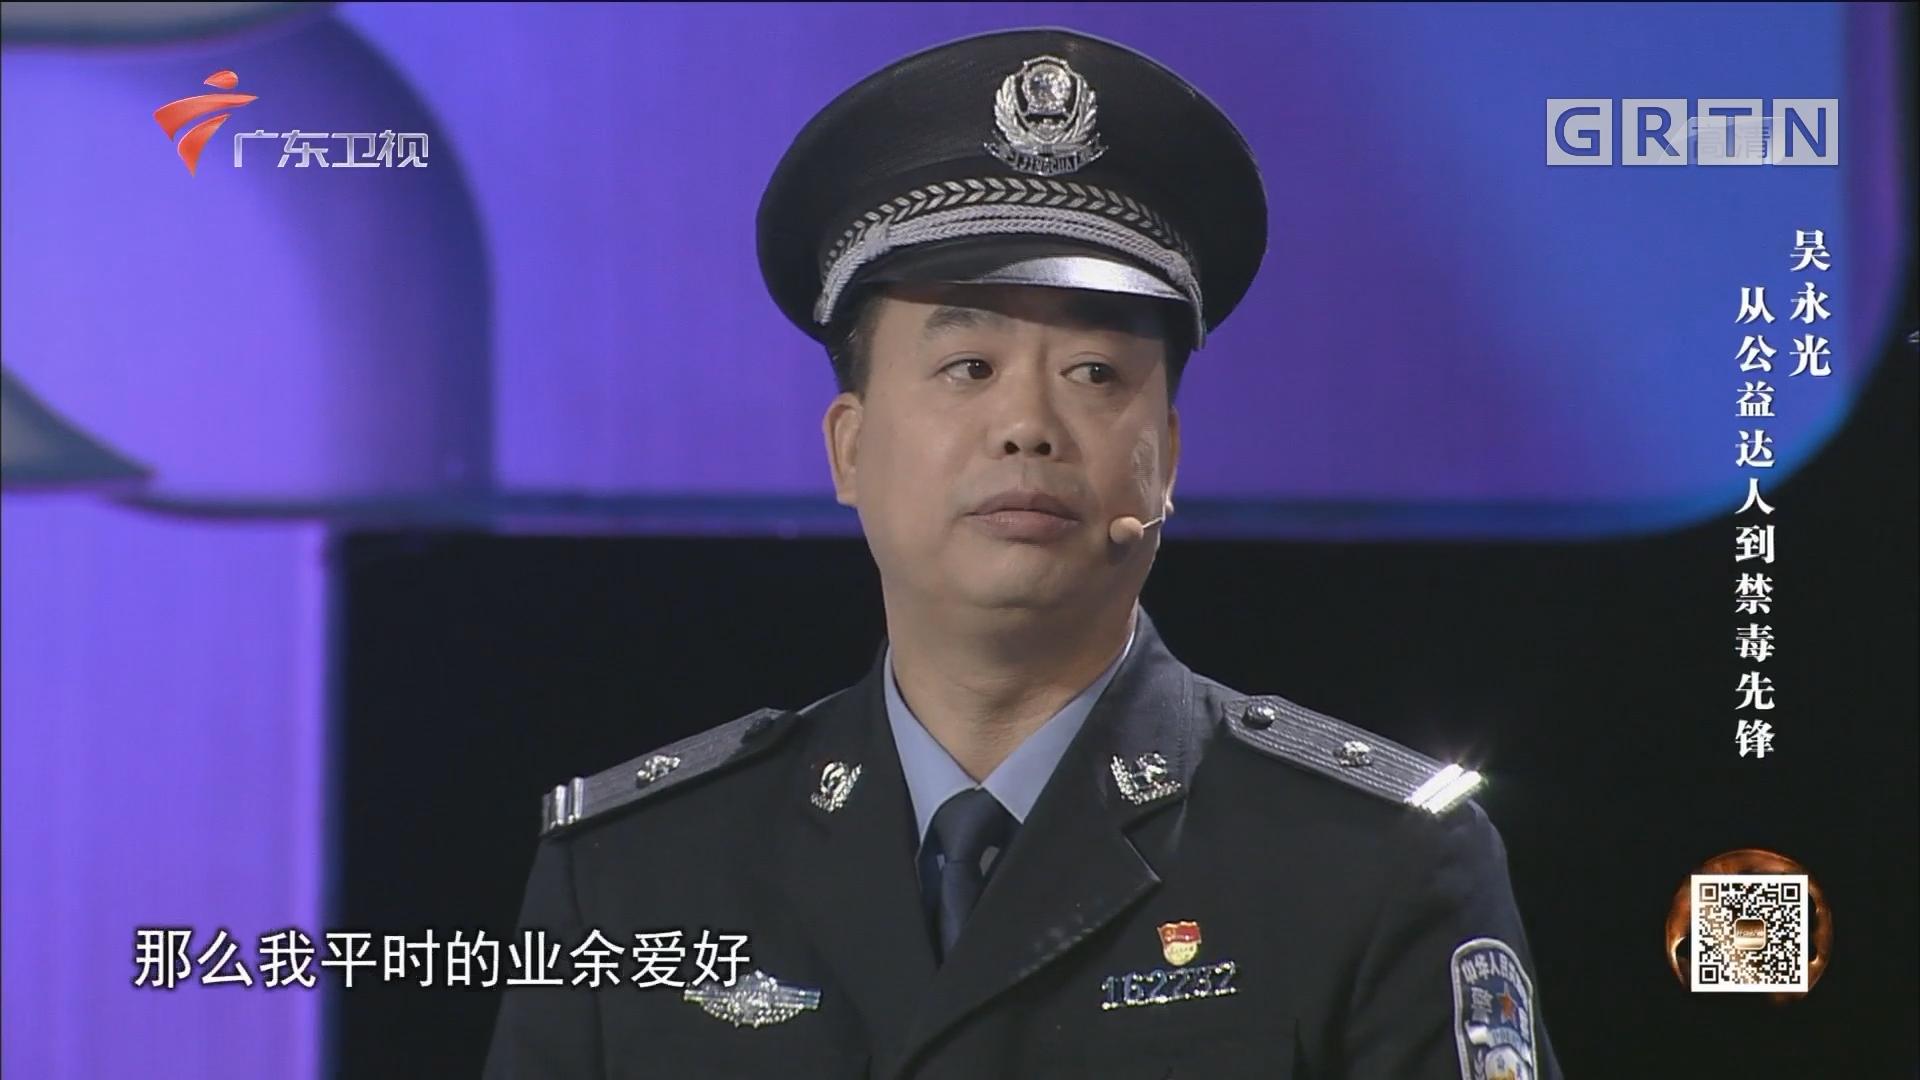 [HD][2018-12-19]社会纵横:吴永光 从公益达人到禁毒先锋